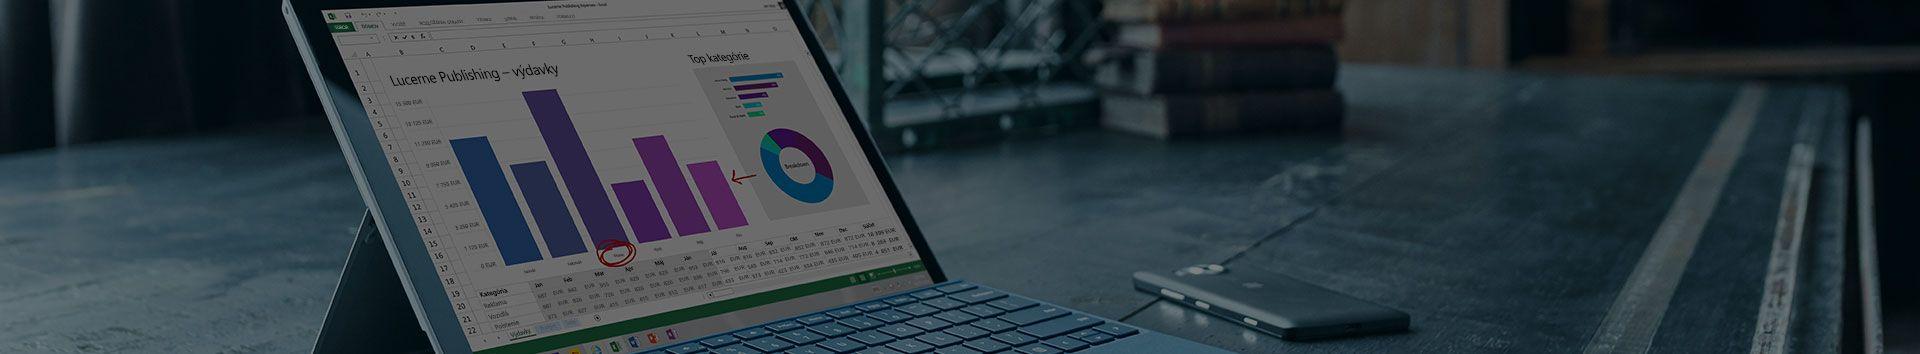 Tablet Microsoft Surface zobrazujúci zostavu výdavkov v programe Microsoft Excel